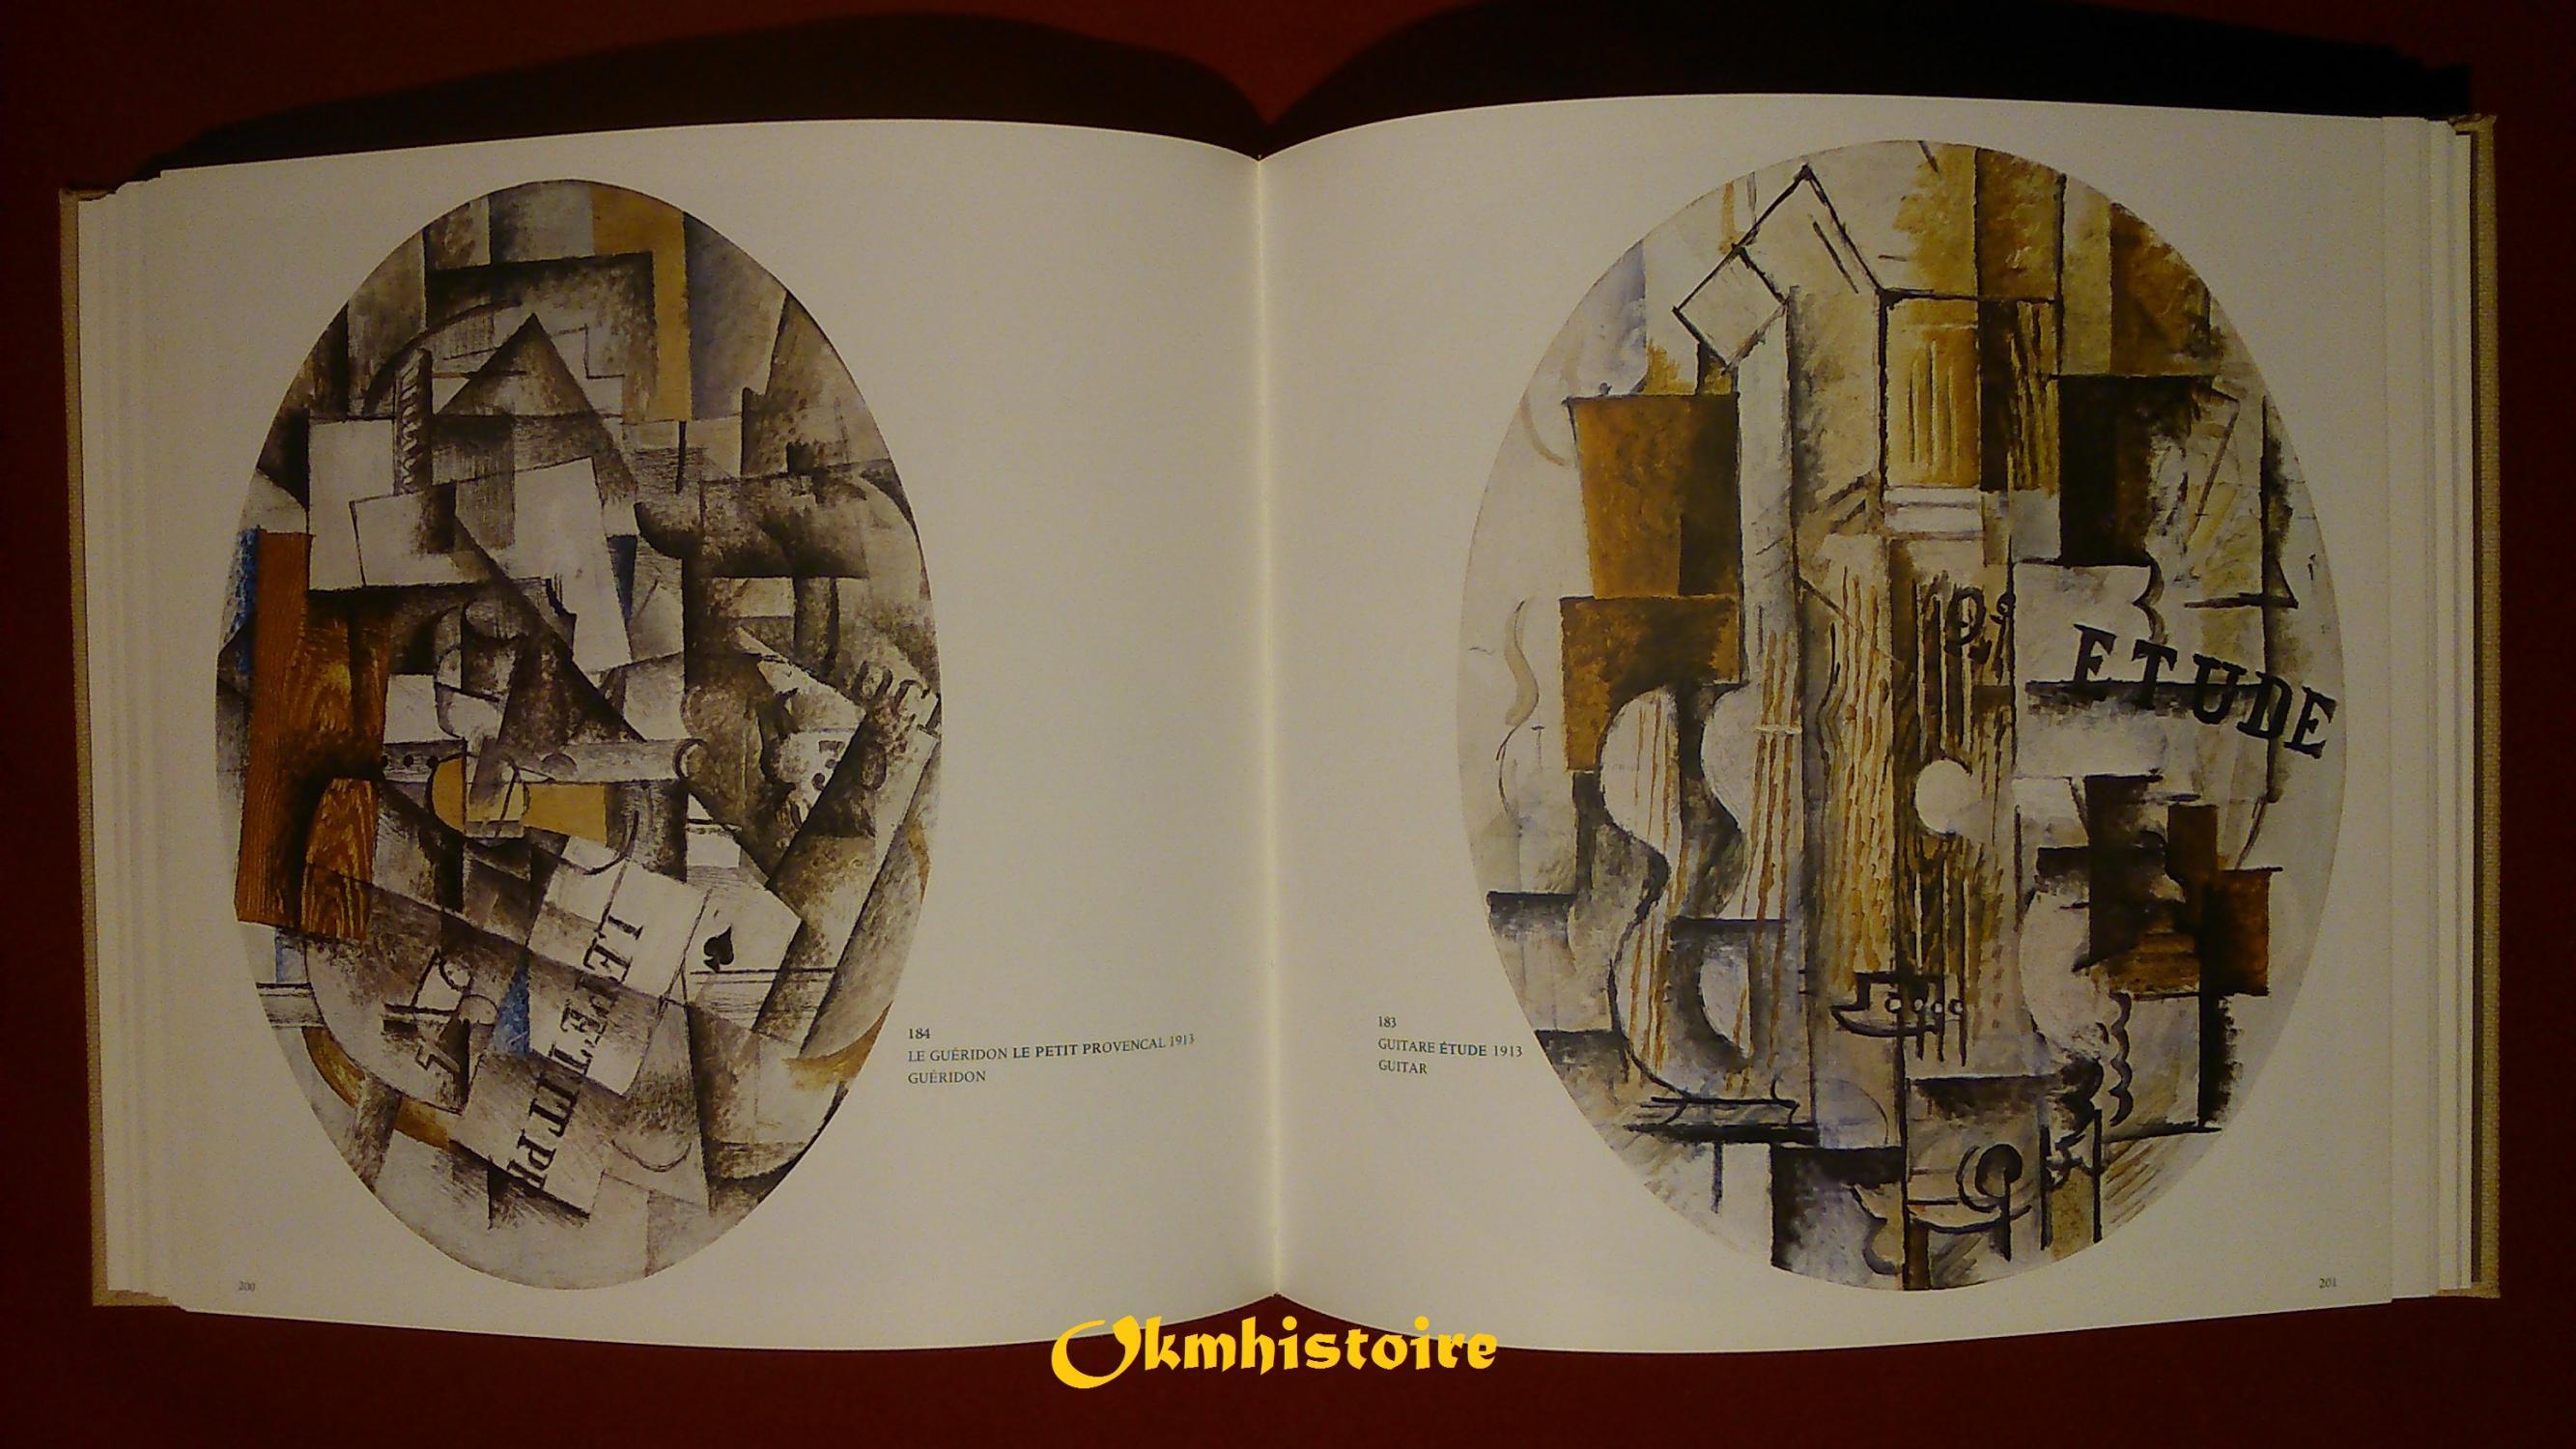 Braque Le Cubisme Catalogue De L 39 Oeuvre 1907 1914 Par